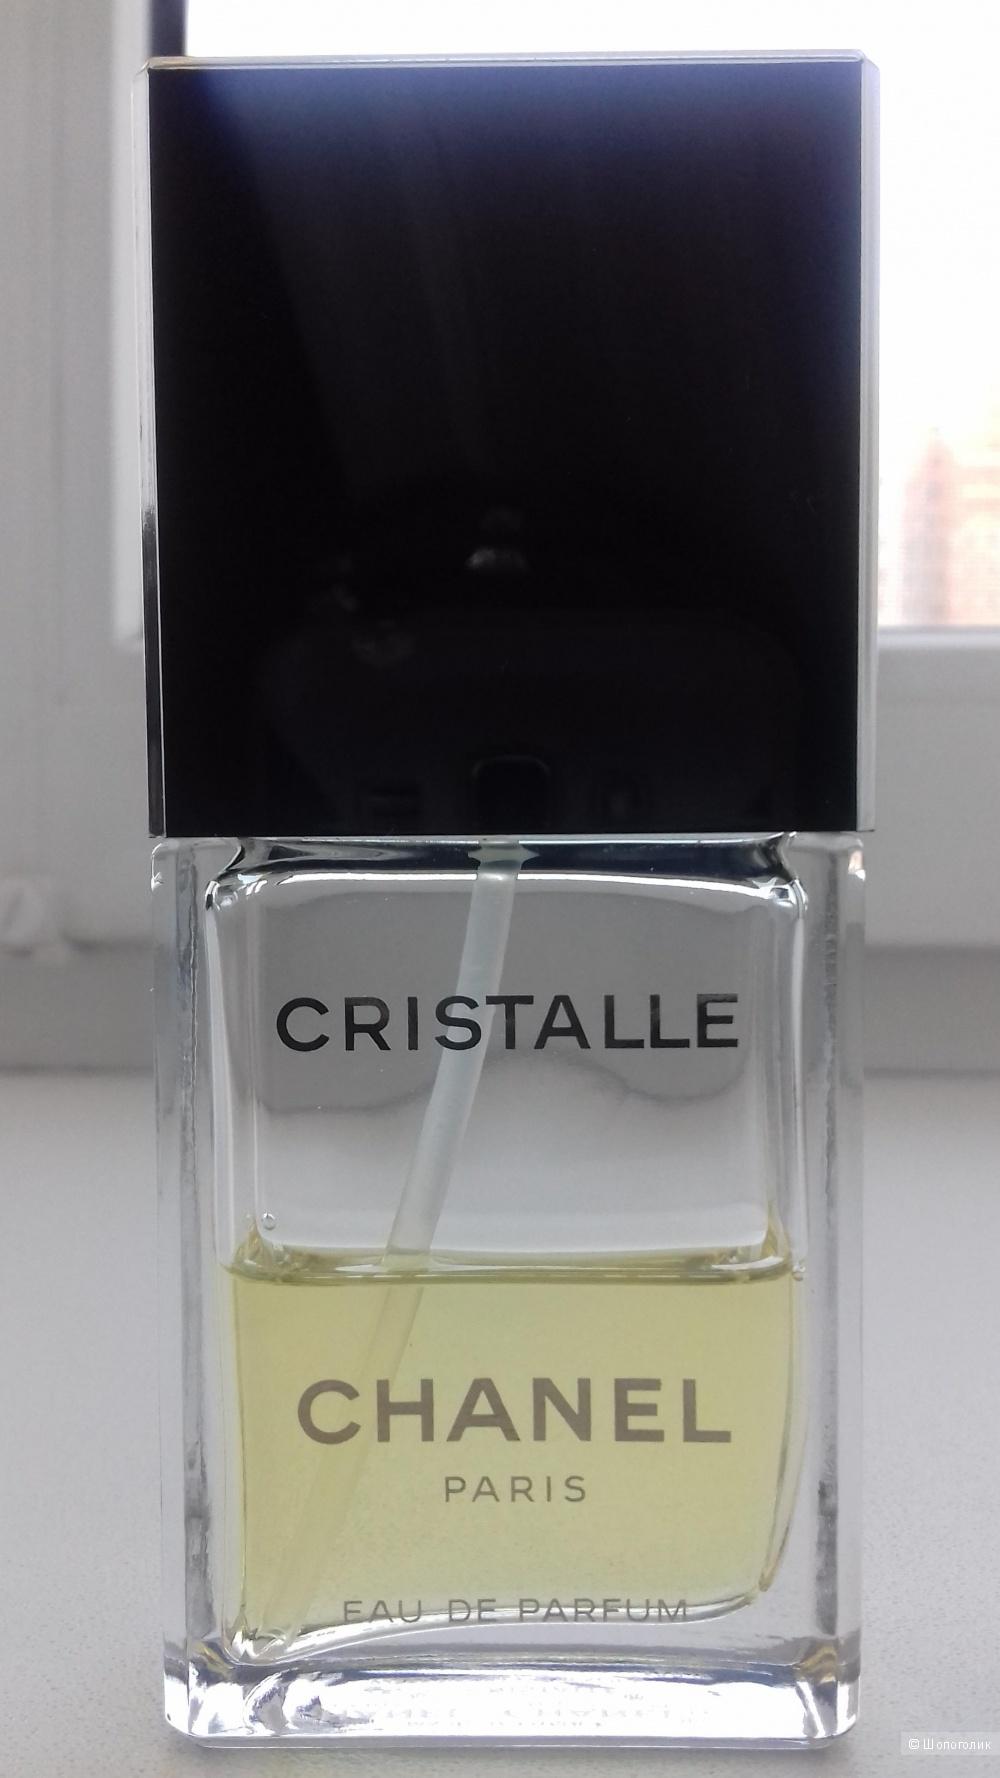 Chanel Cristalle, парфюмерная вода, примерно 15 мл